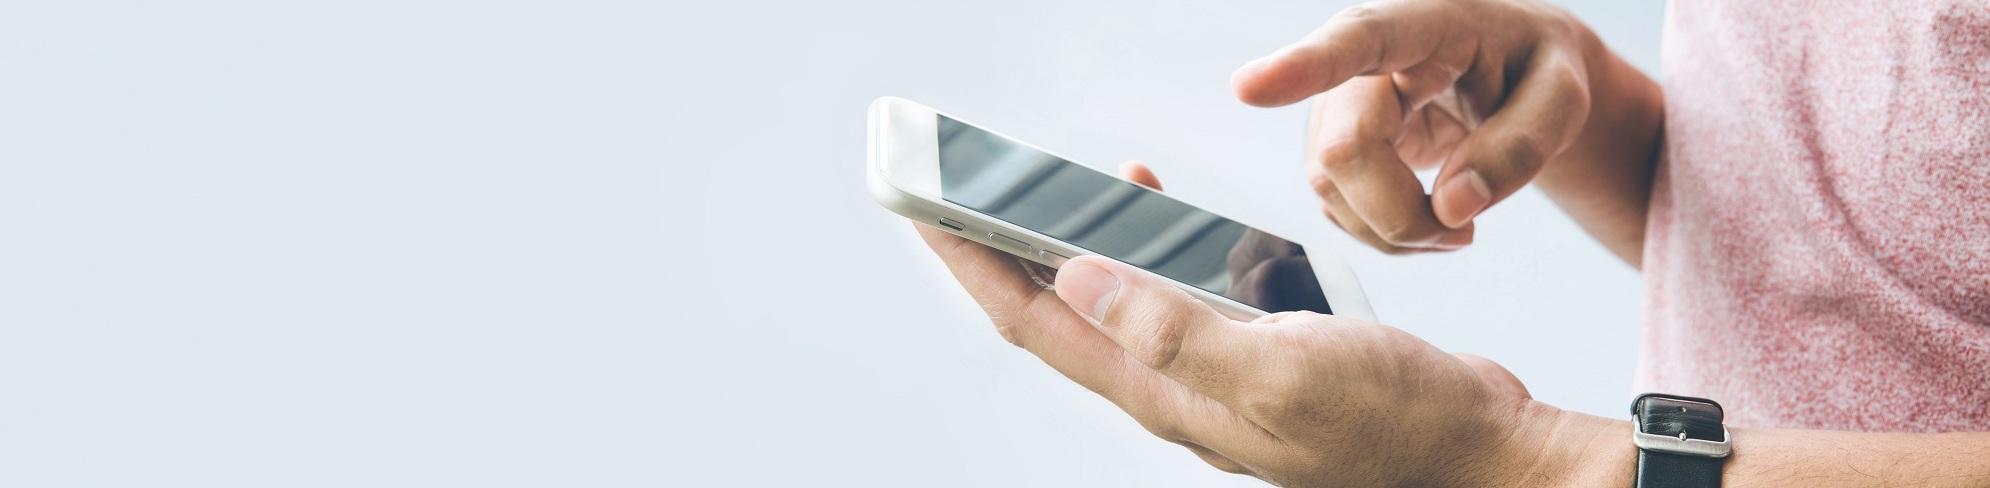 agence création application mobile Saint-etienne